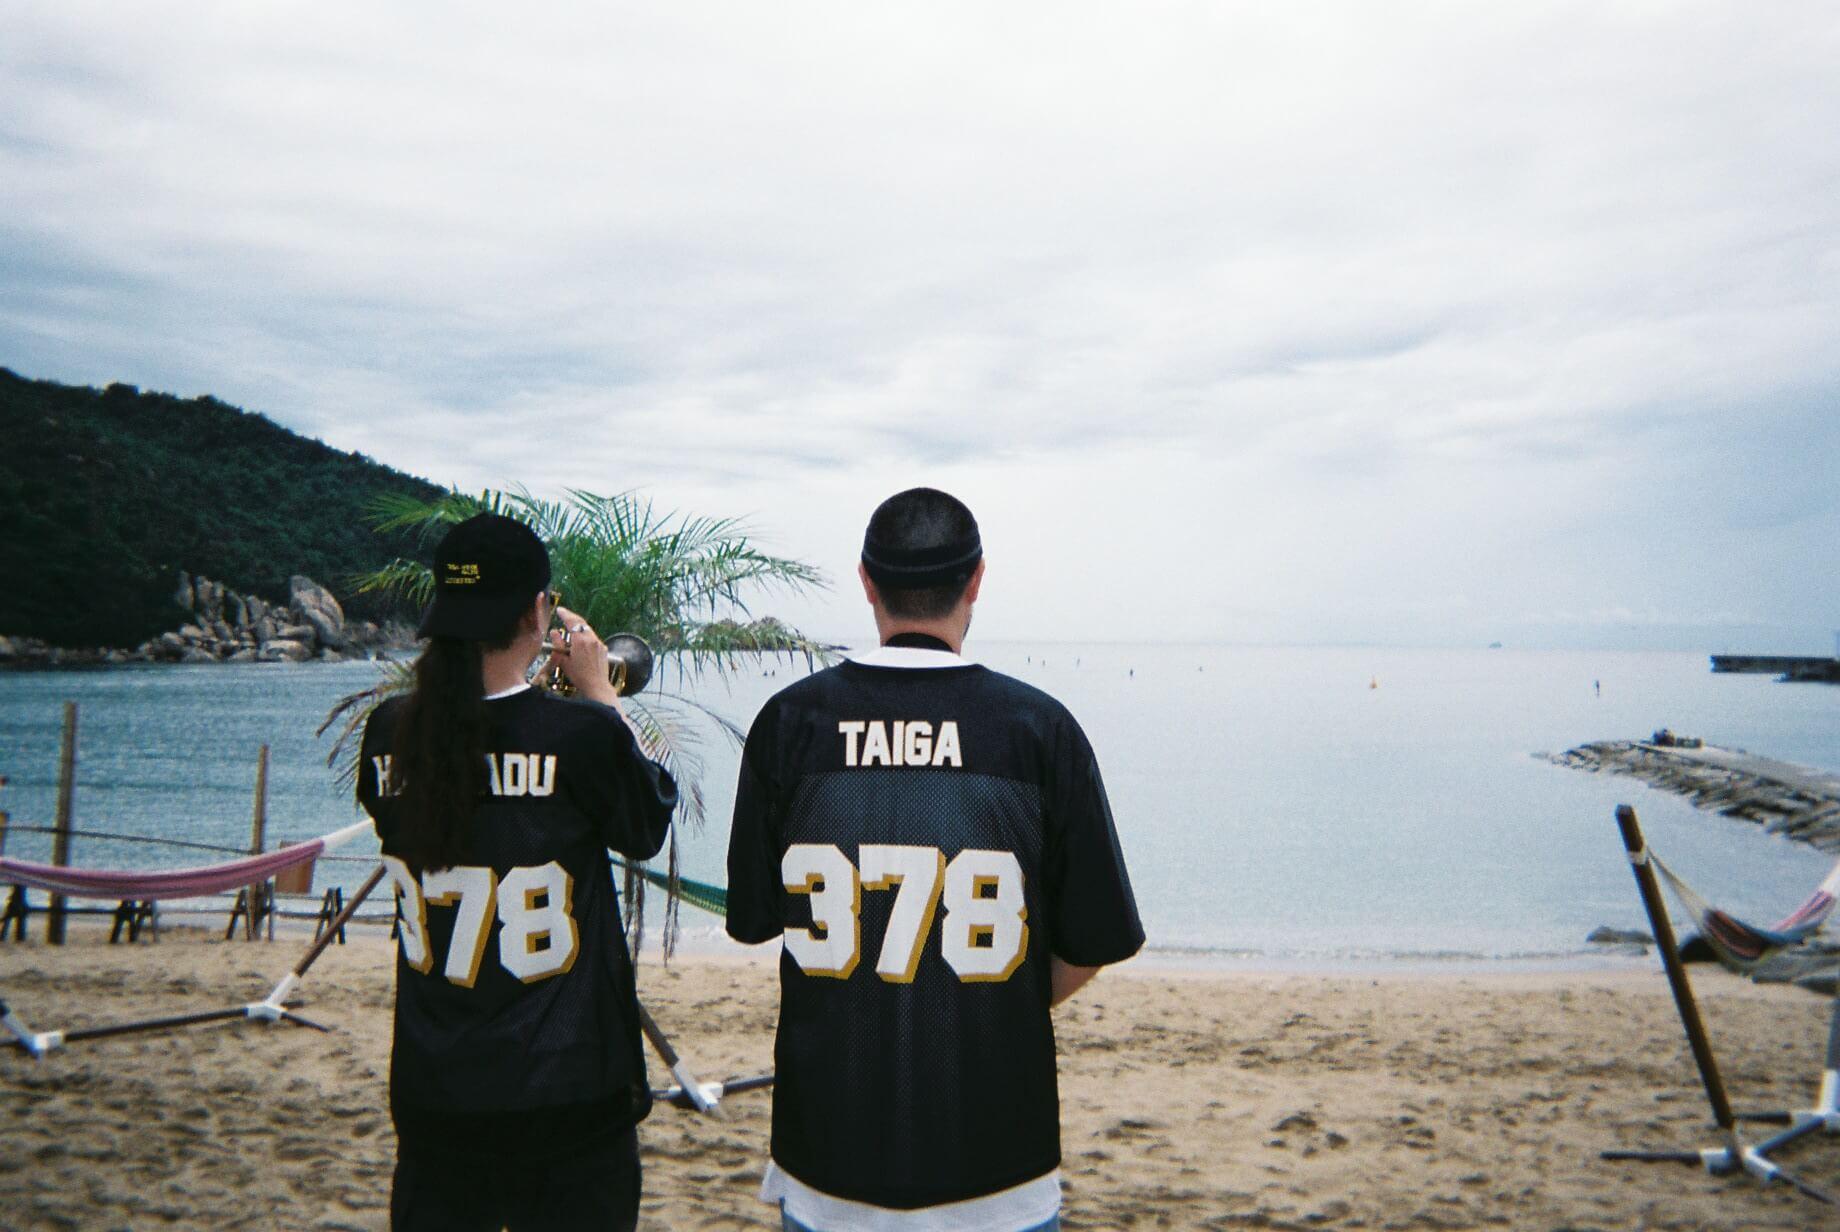 フェスレポート SANABAGUN.が切り取る<Sunset Live 2018> music1810-sanabagun-12